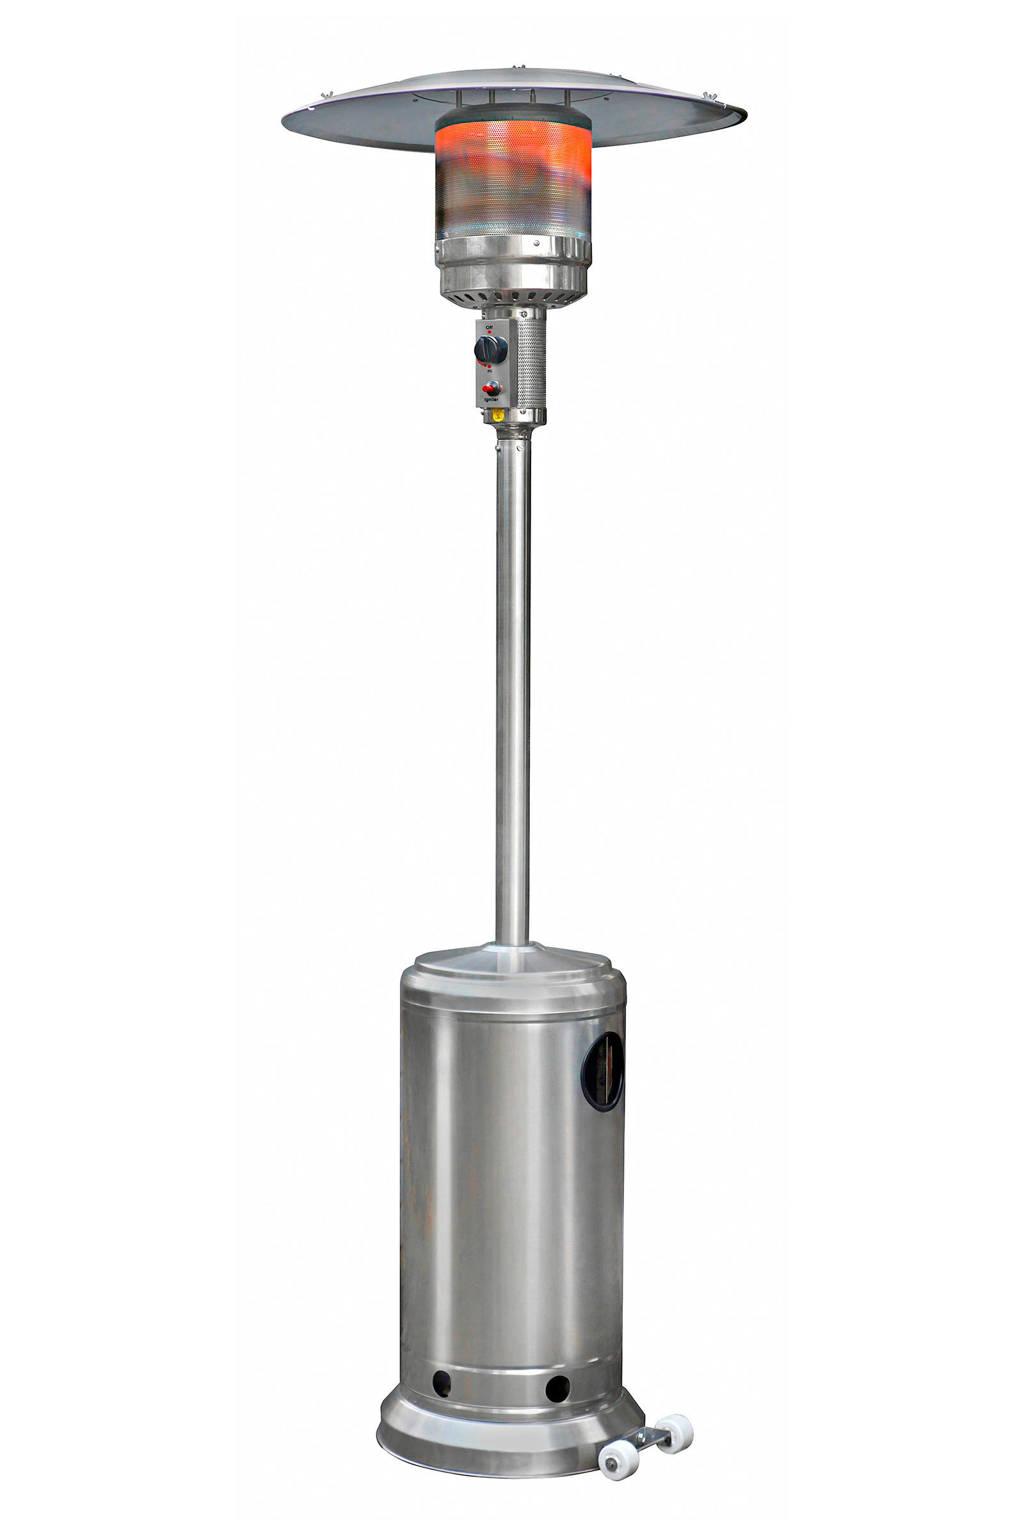 Eurom heater THG 14000 RVS